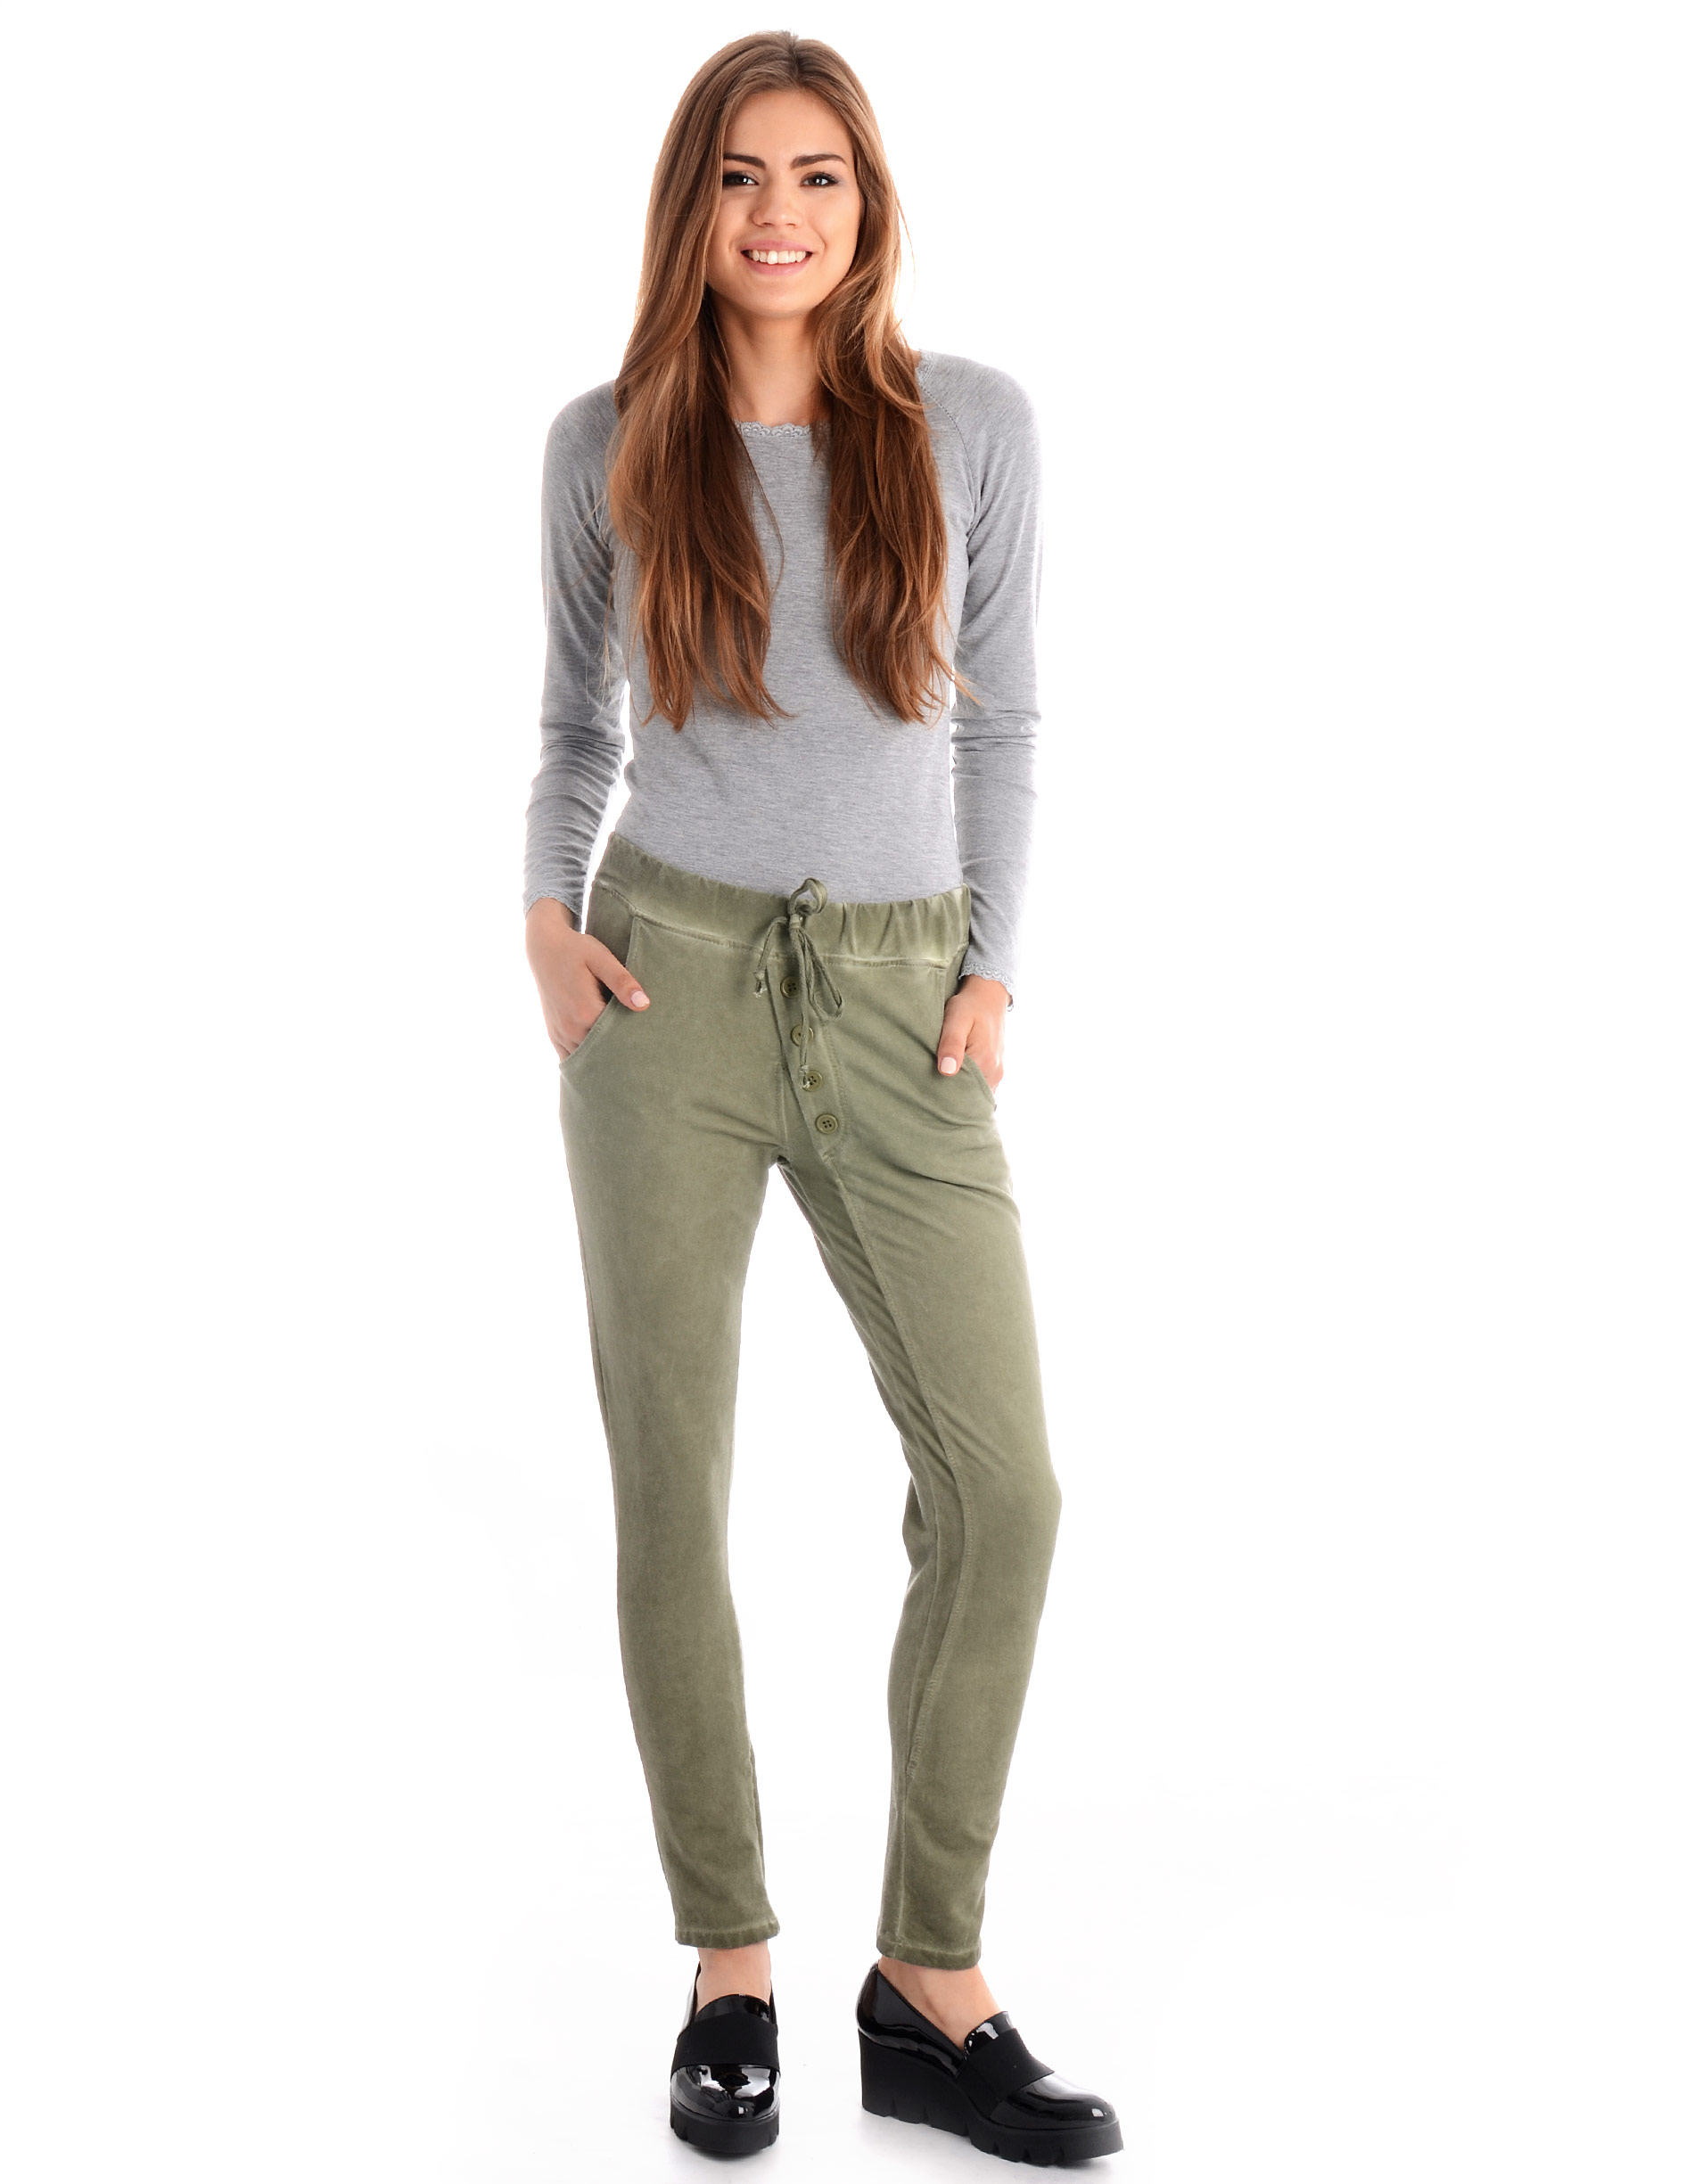 Spodnie - 49-3960 MILIT - Unisono